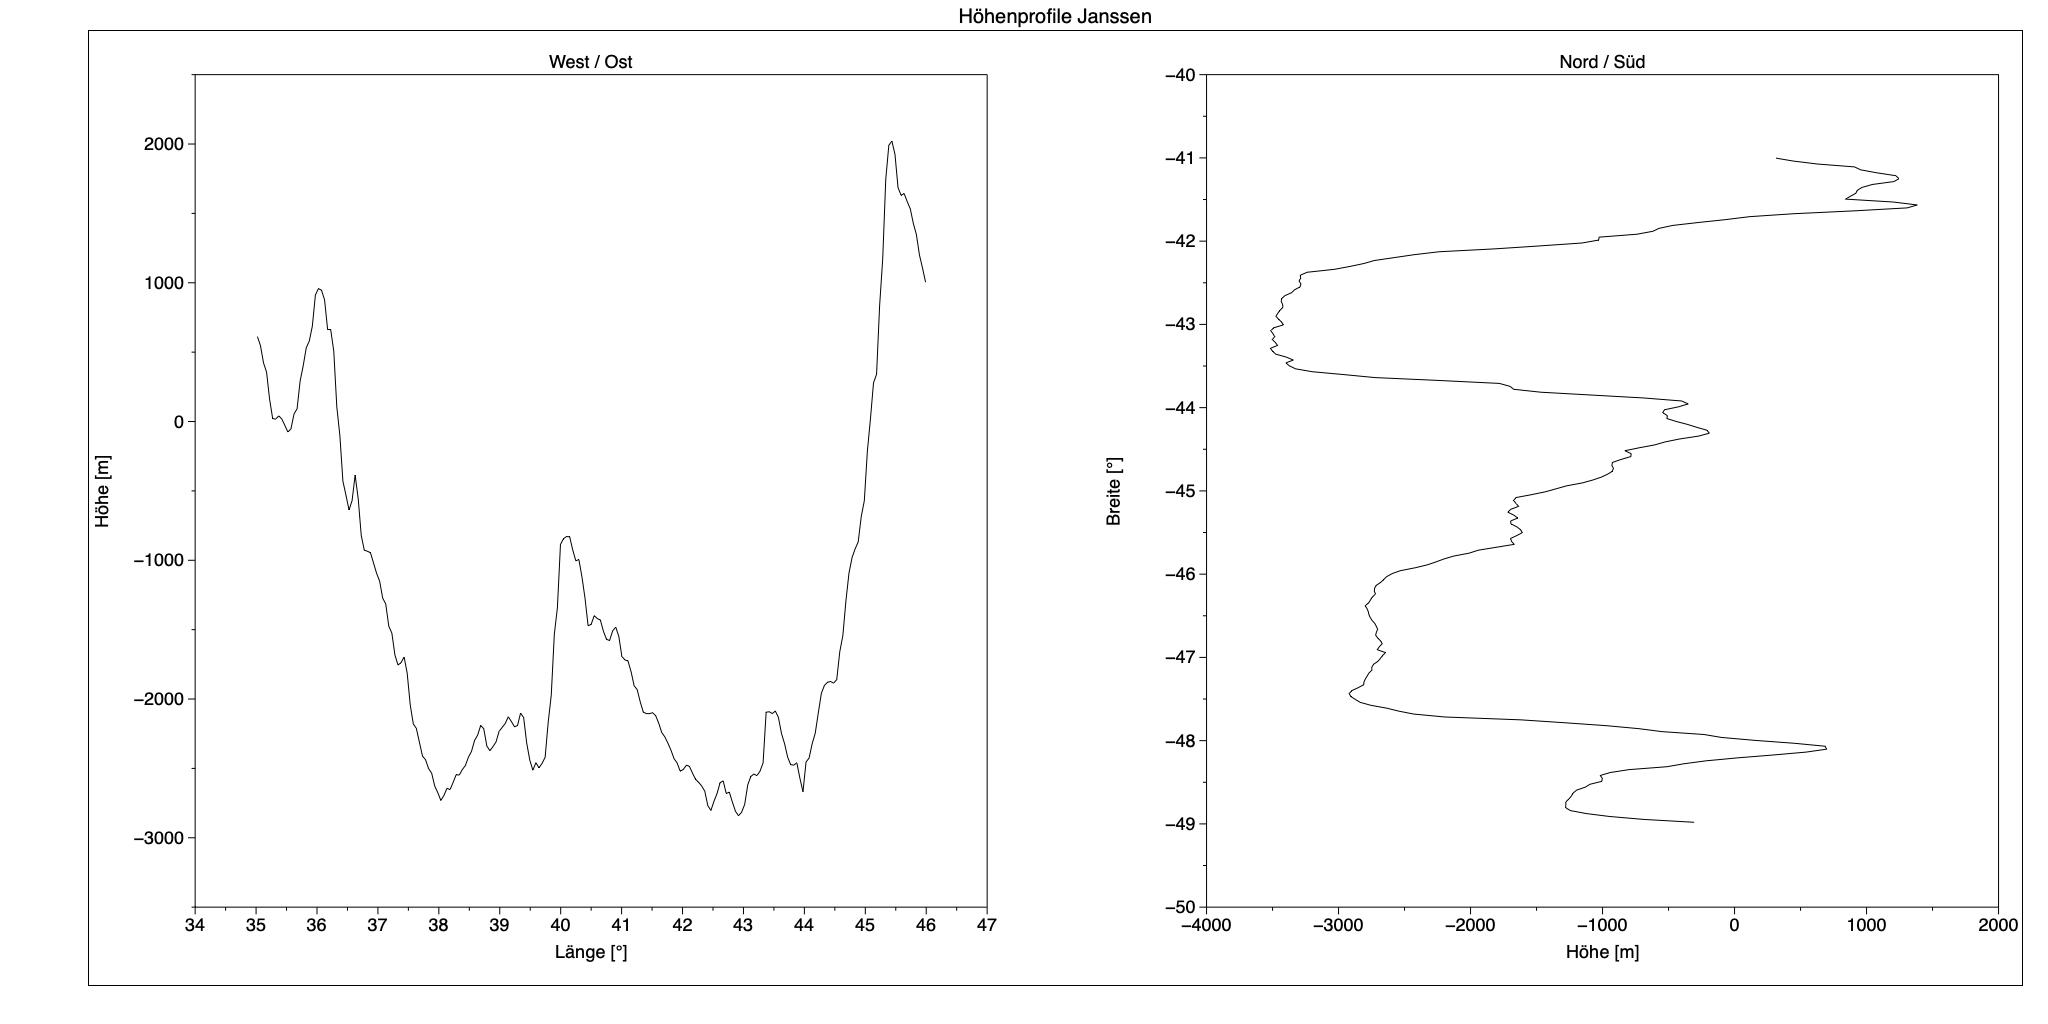 Höhenprofil der Mondkraters Janssen durch das Zentrum in West/Ost- und Nord/Süd-Richtung.